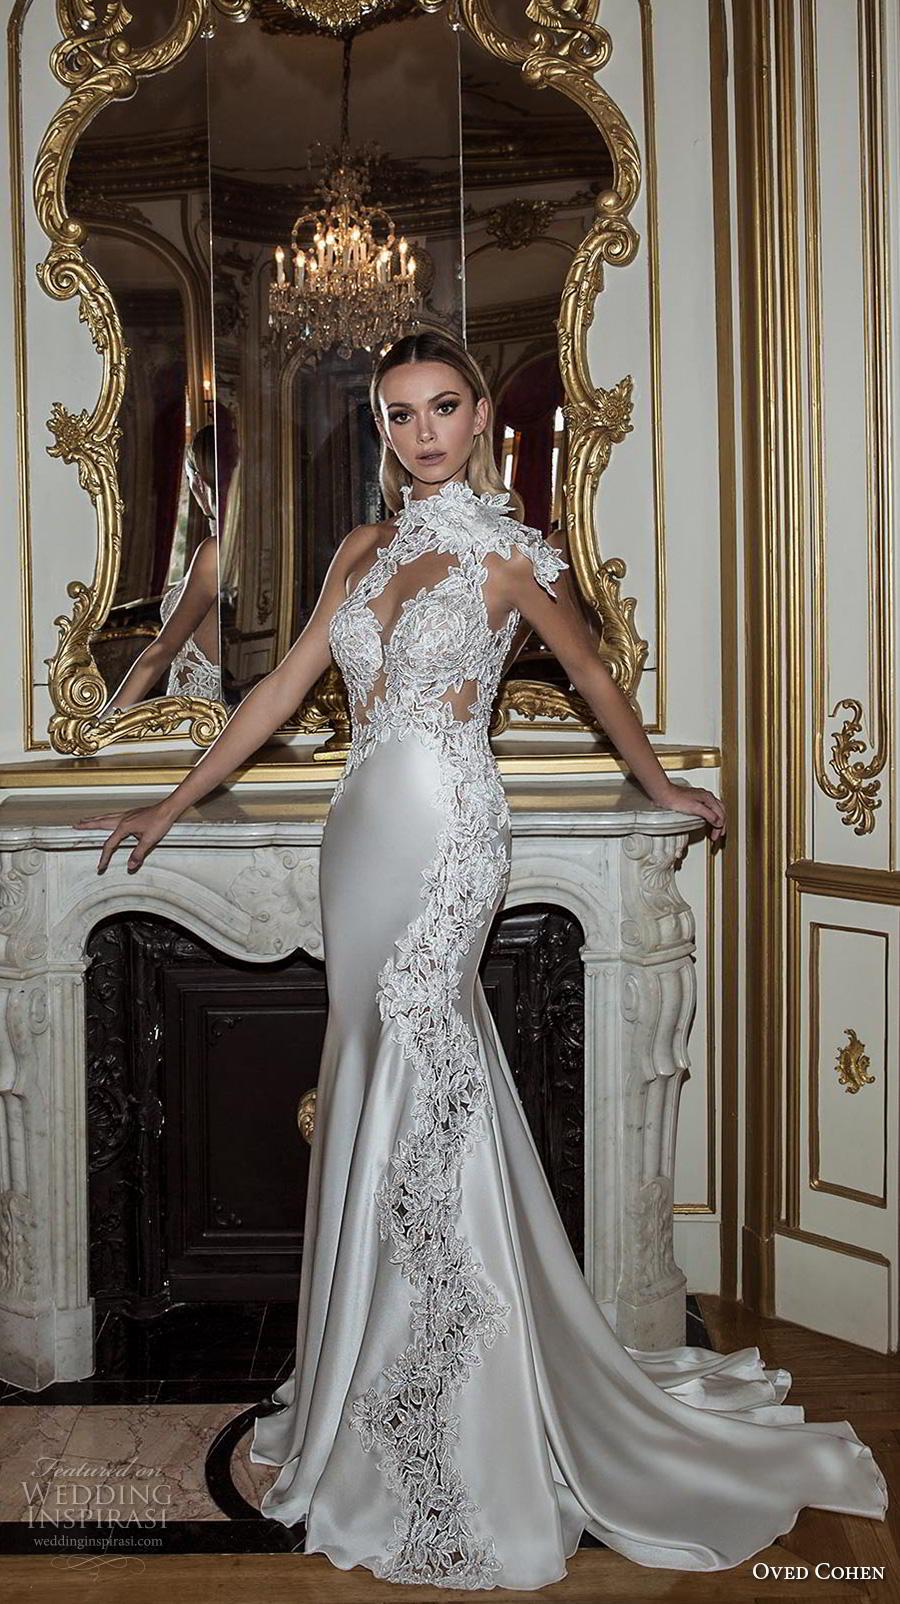 oved cohen 2018 bridal asymmetrical high neck keyhole sweetheart neck heavily embellished bodice glamorous elegant fit and flare wedding dress medium train (8) mv